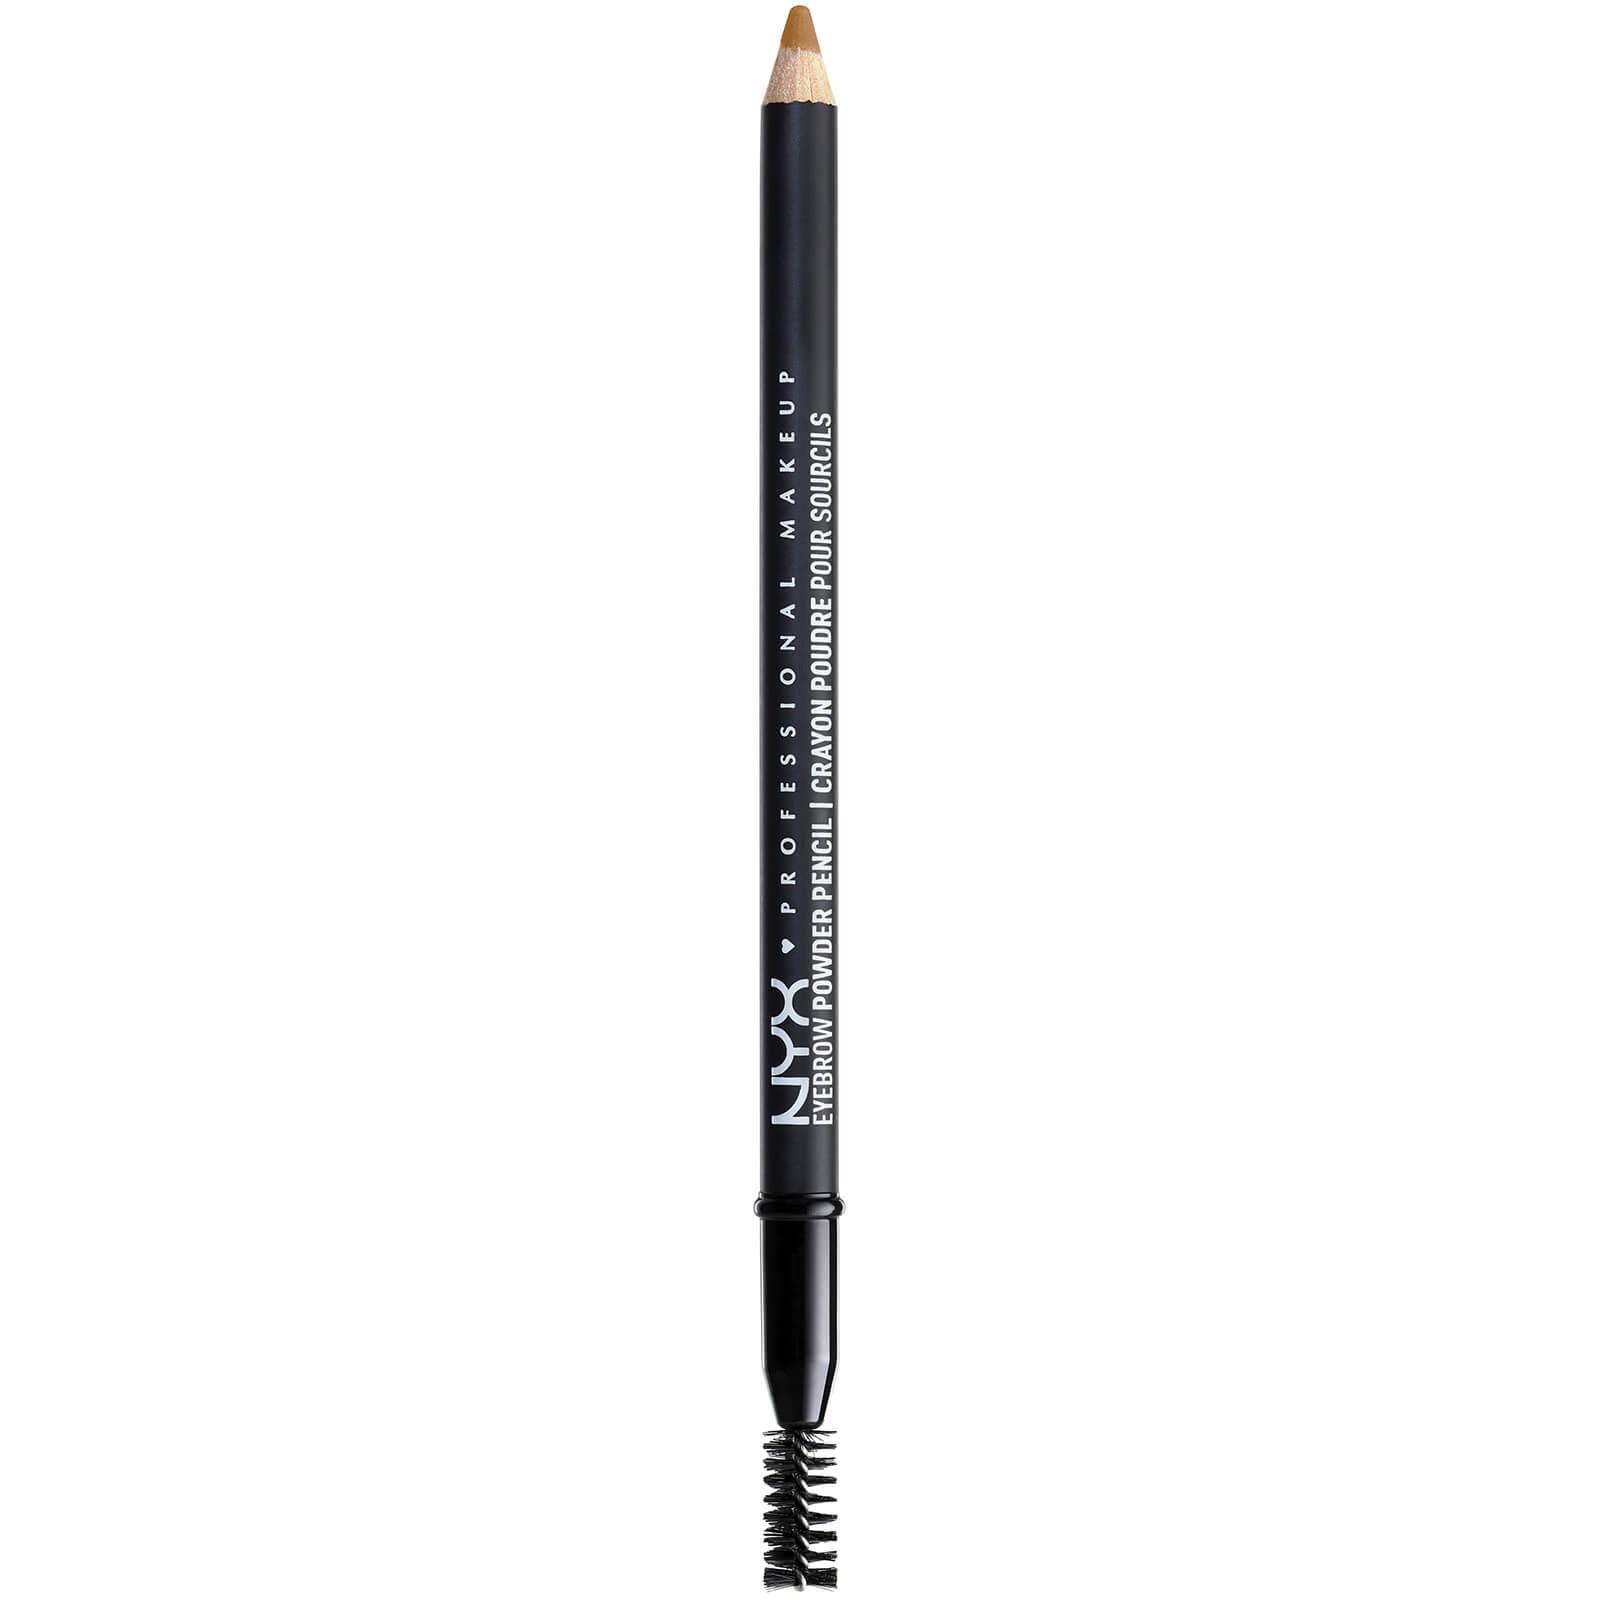 Купить Пудровый карандаш для бровей NYX Professional Makeup Eyebrow Powder Pencil (различные оттенки) - Caramel